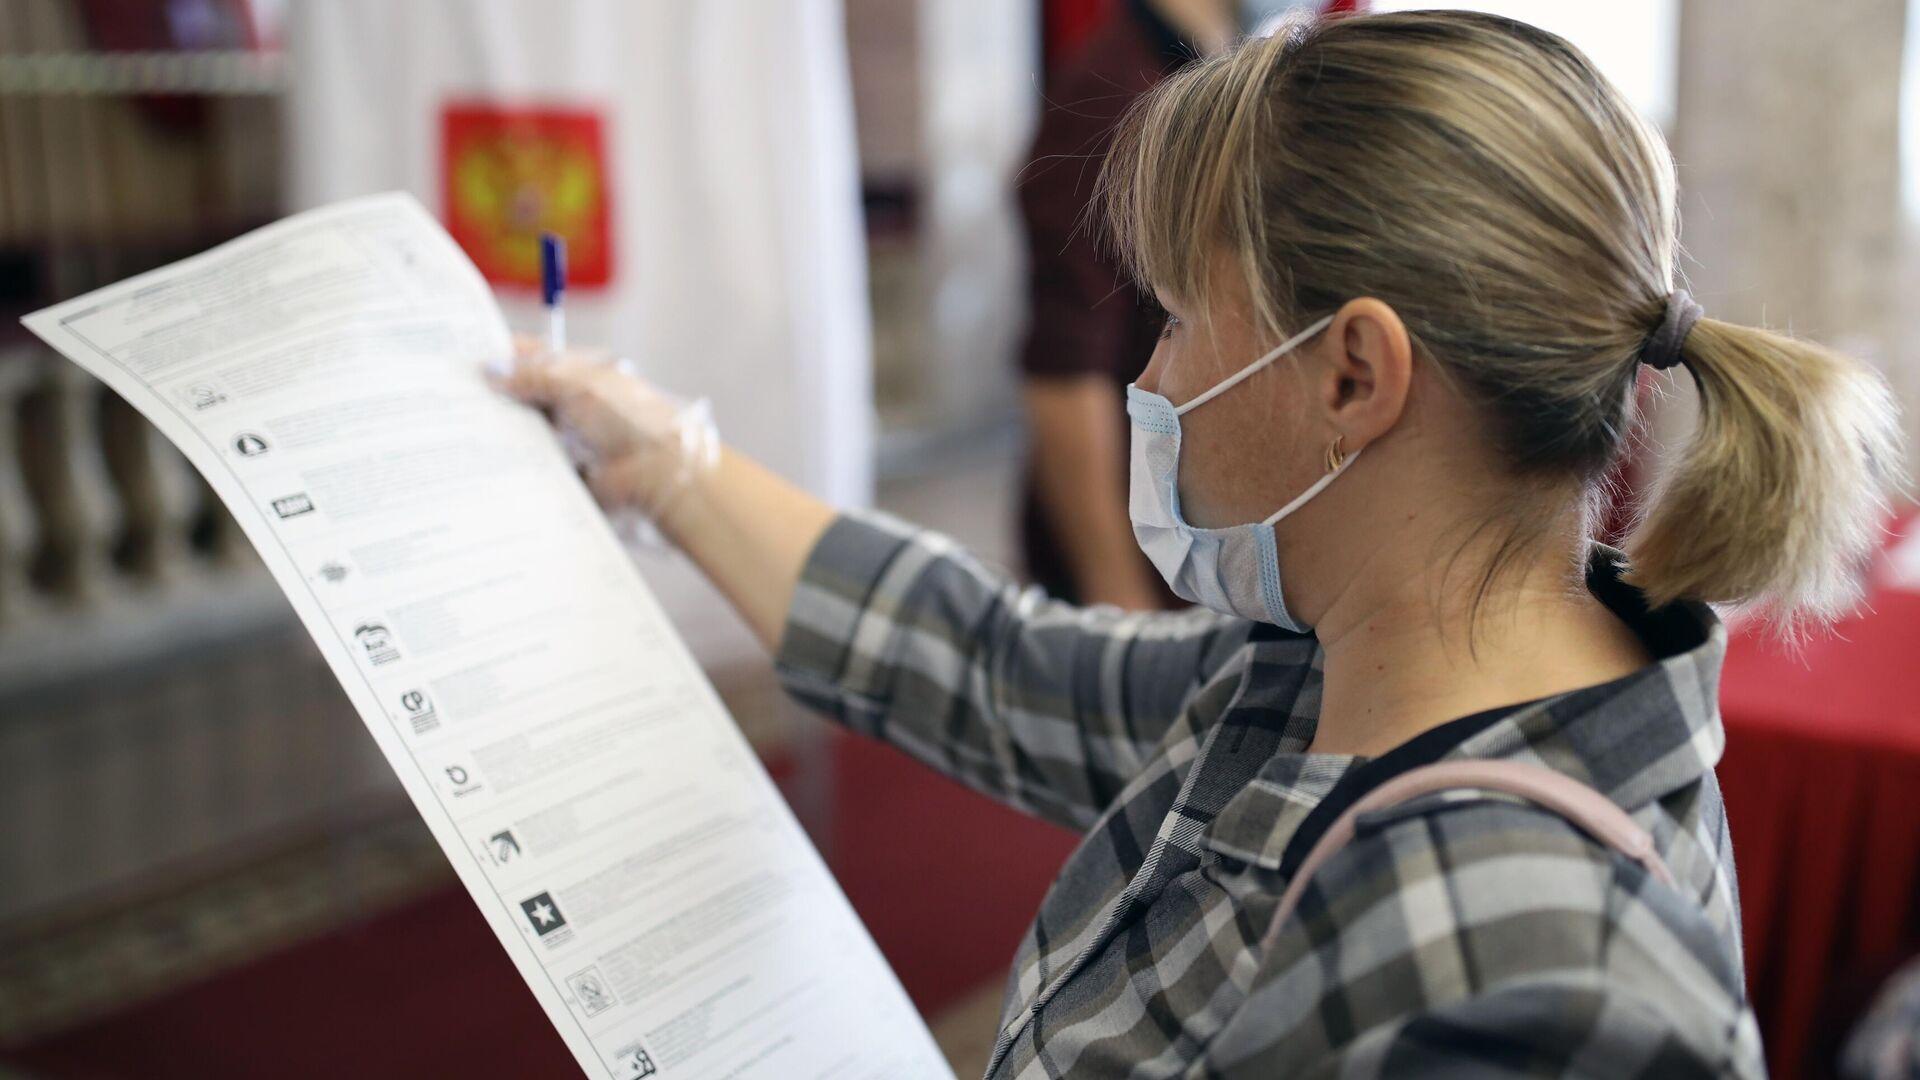 В группе мобильного реагирования в Москве рассказали о жалобах на участках